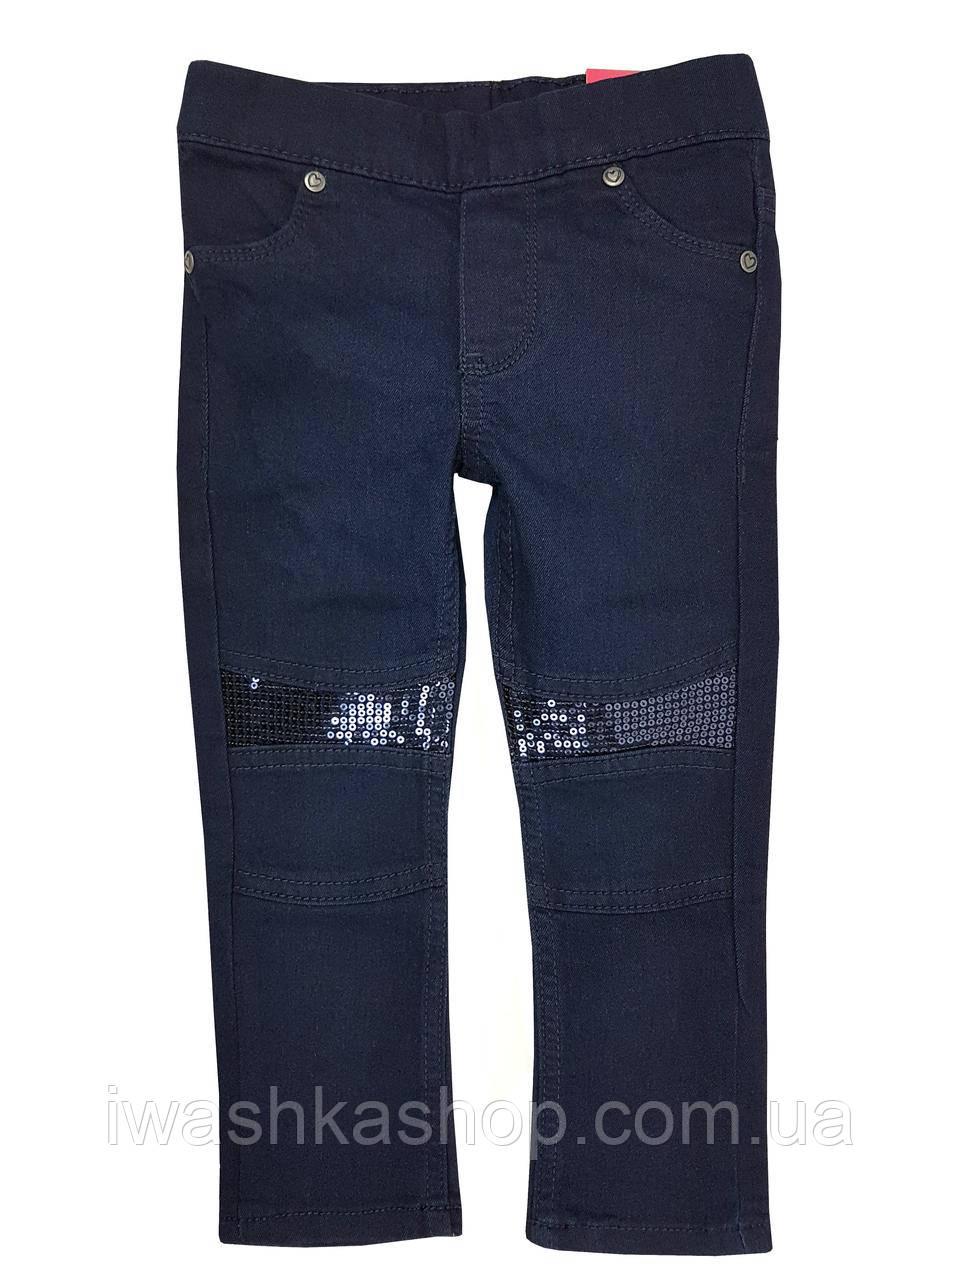 Стильные синие джинсы slim fit на девочку 1,5 - 2 лет, размер 92, Kiki&Koko / KIK